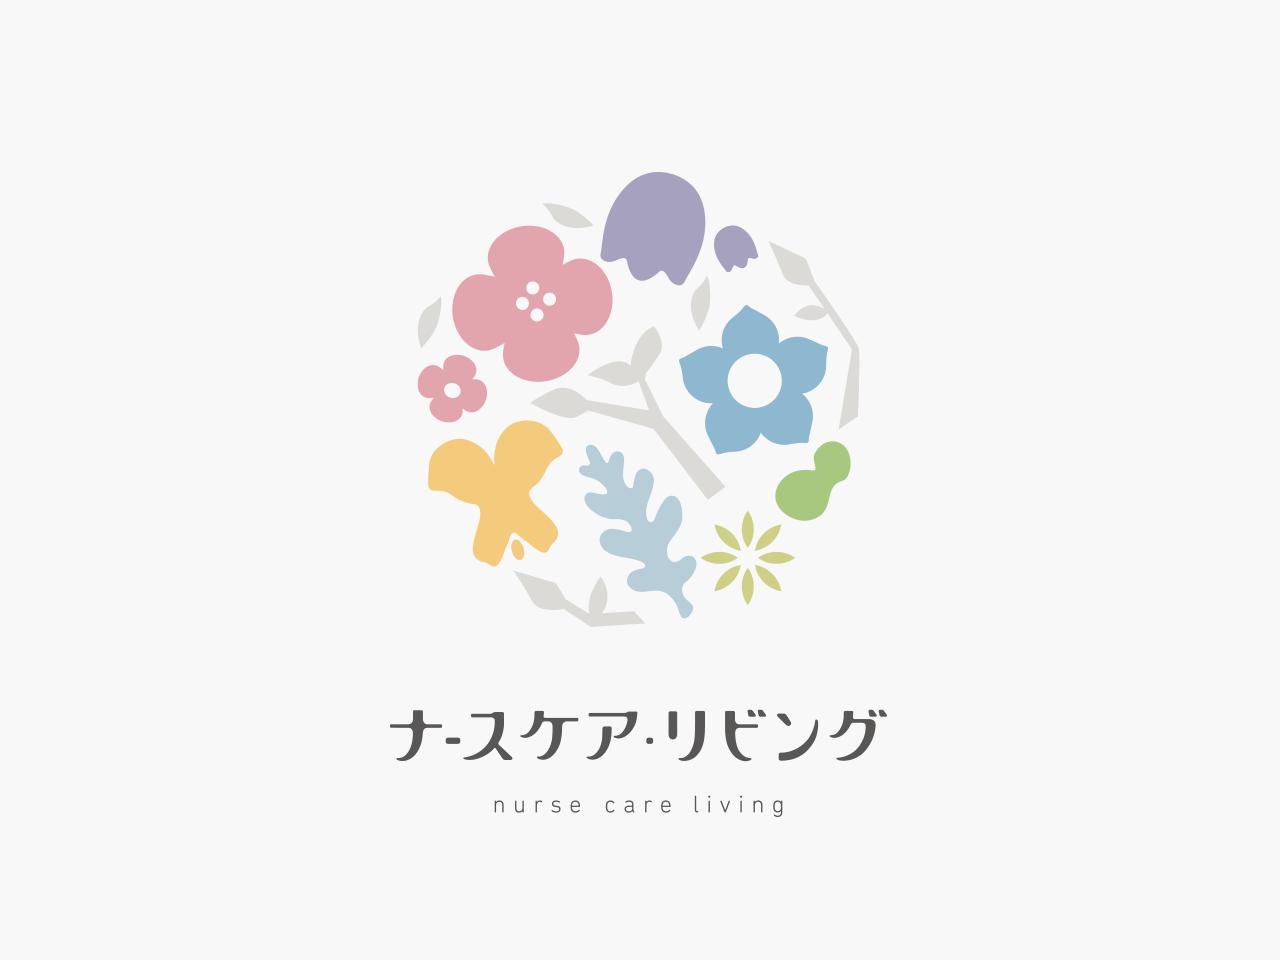 ナースケア・リビング様|ロゴマーク制作